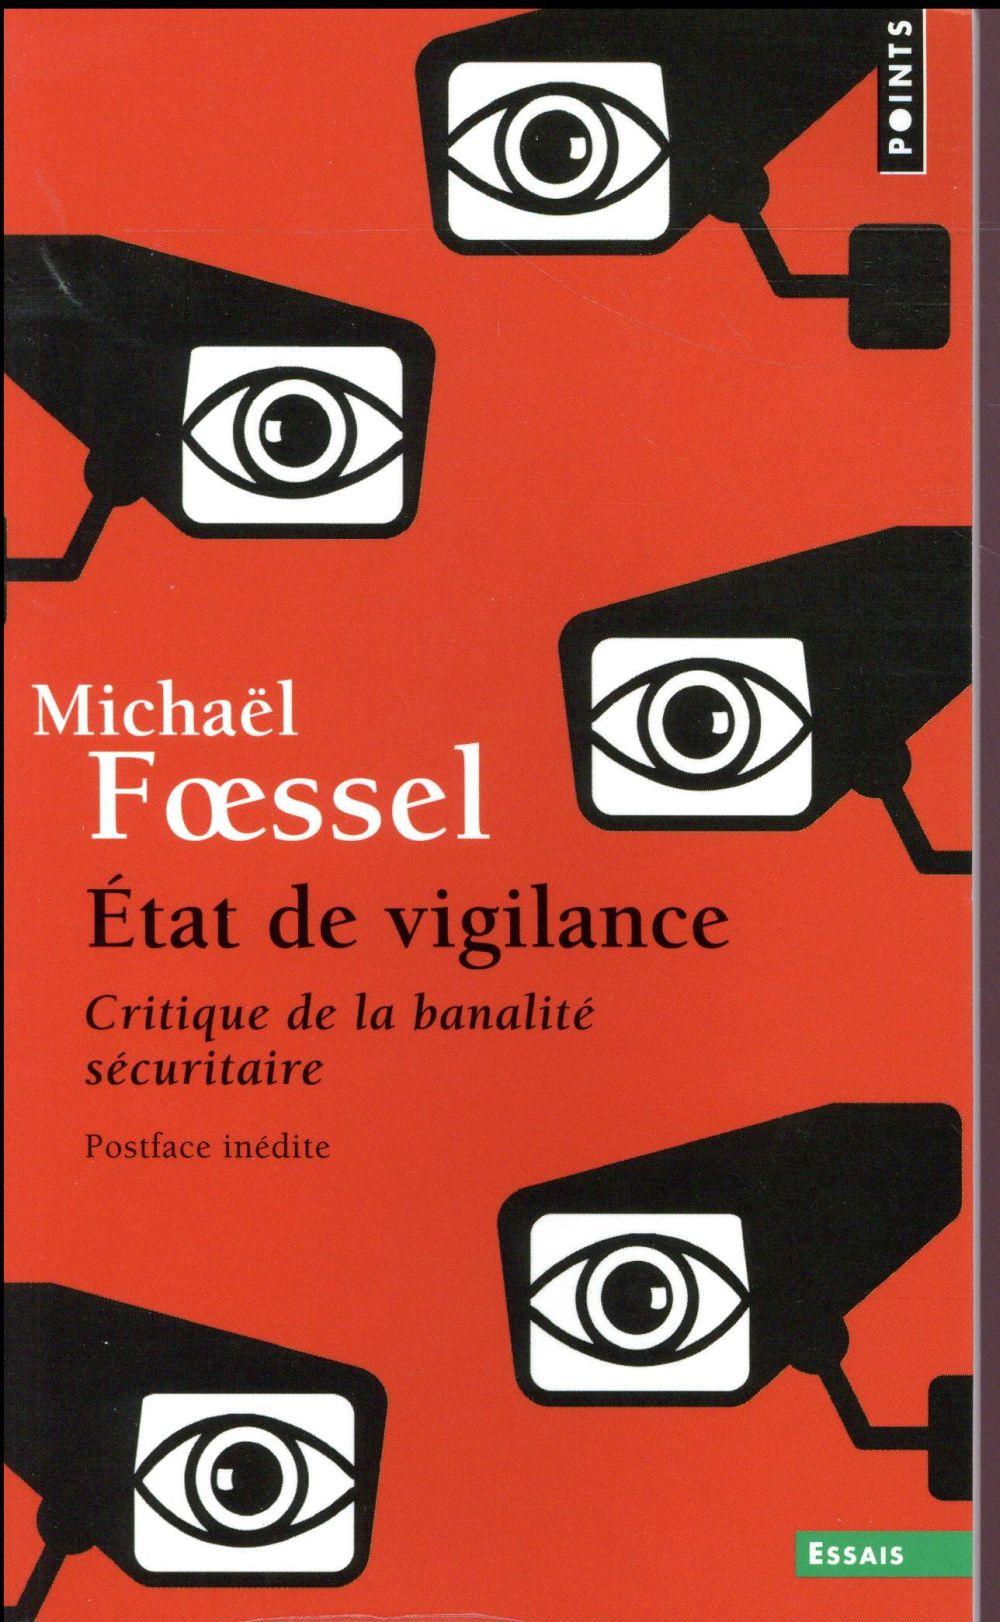 L'ETAT DE VIGILANCE  -  CRITIQUE DE LA BANALITE SECURITAIRE Foessel Michaël Points